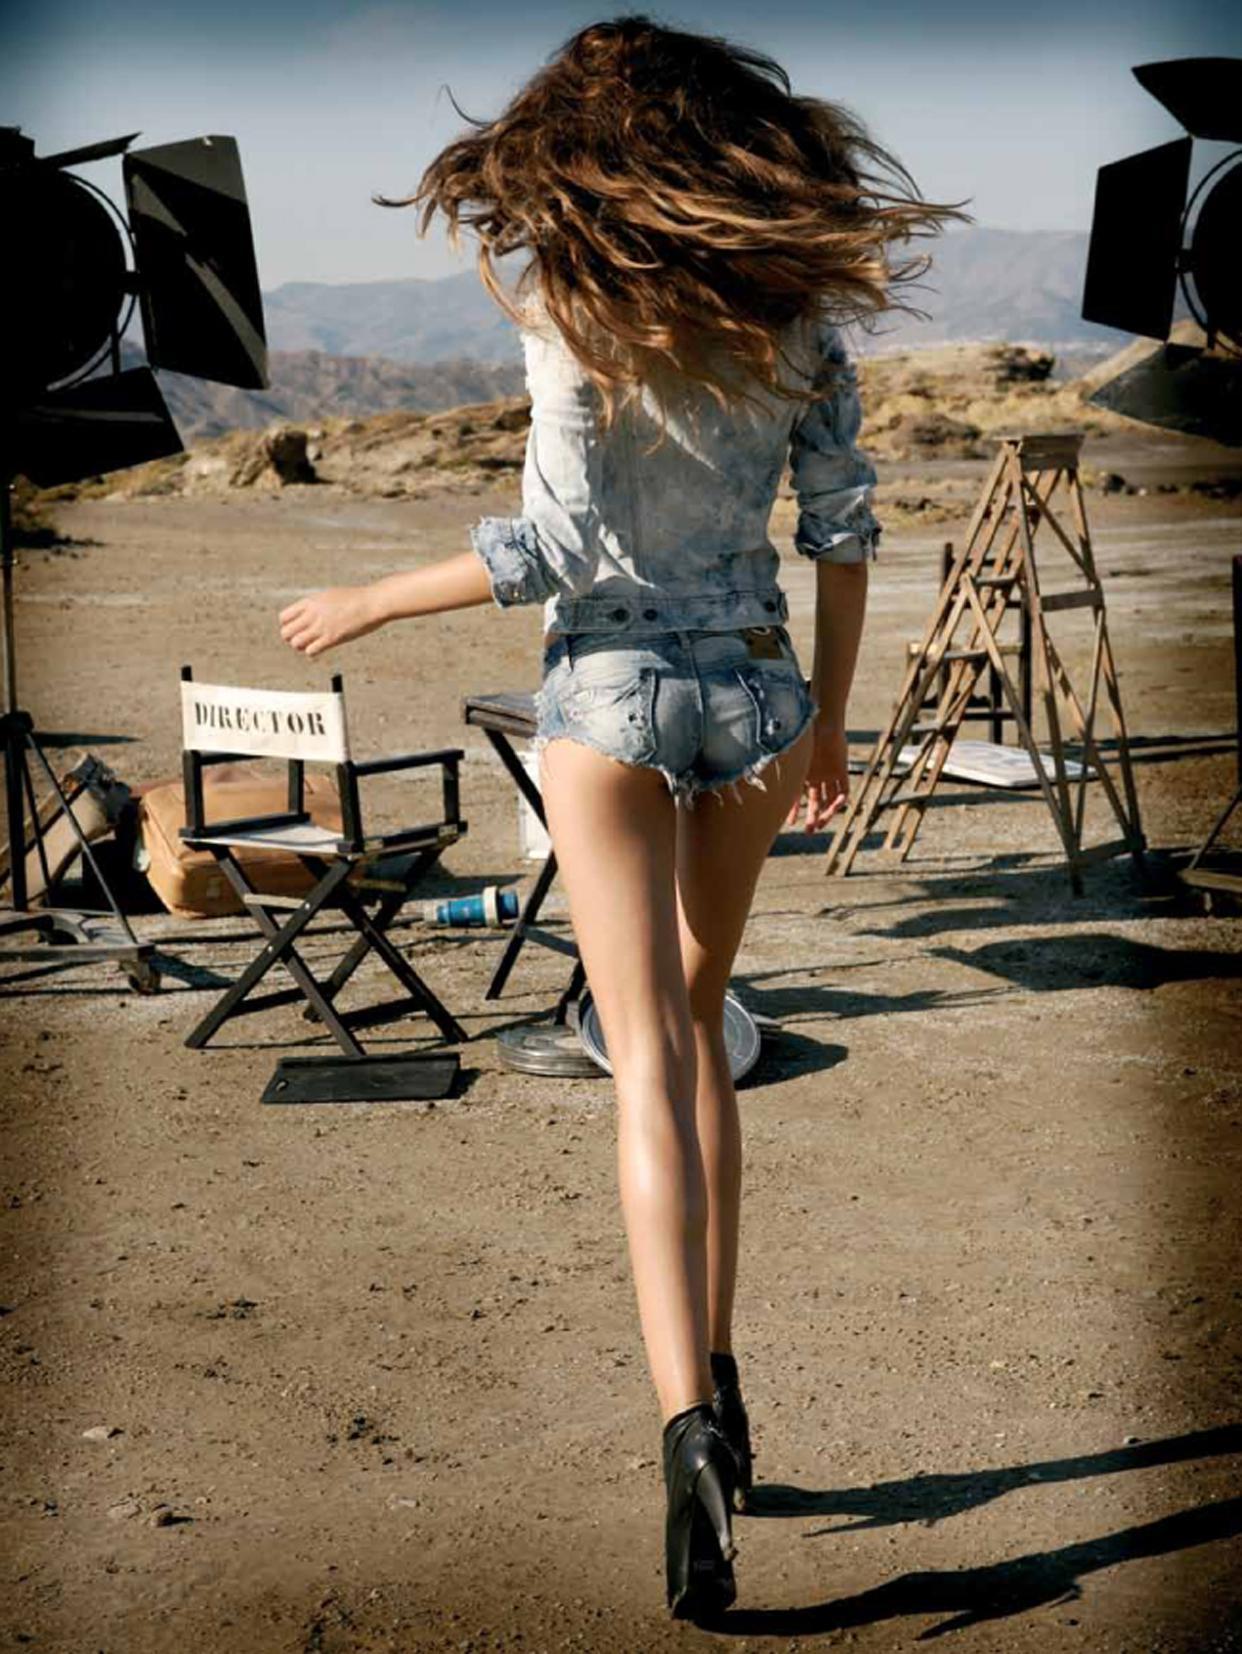 Трахнул в джинсовых шортиках 21 фотография